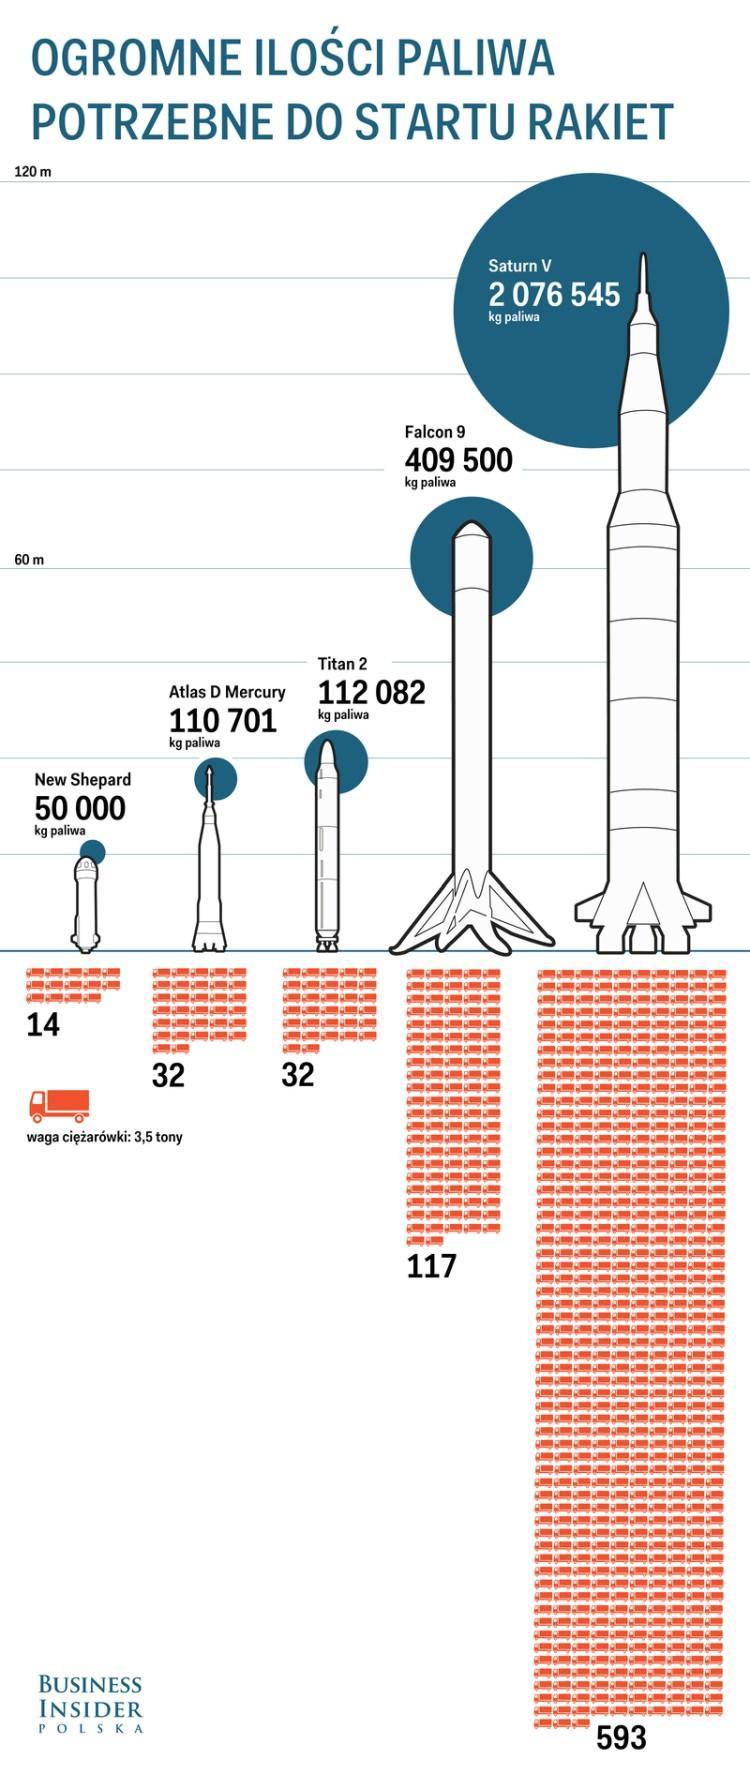 ile paliwa spala rakieta przy starice